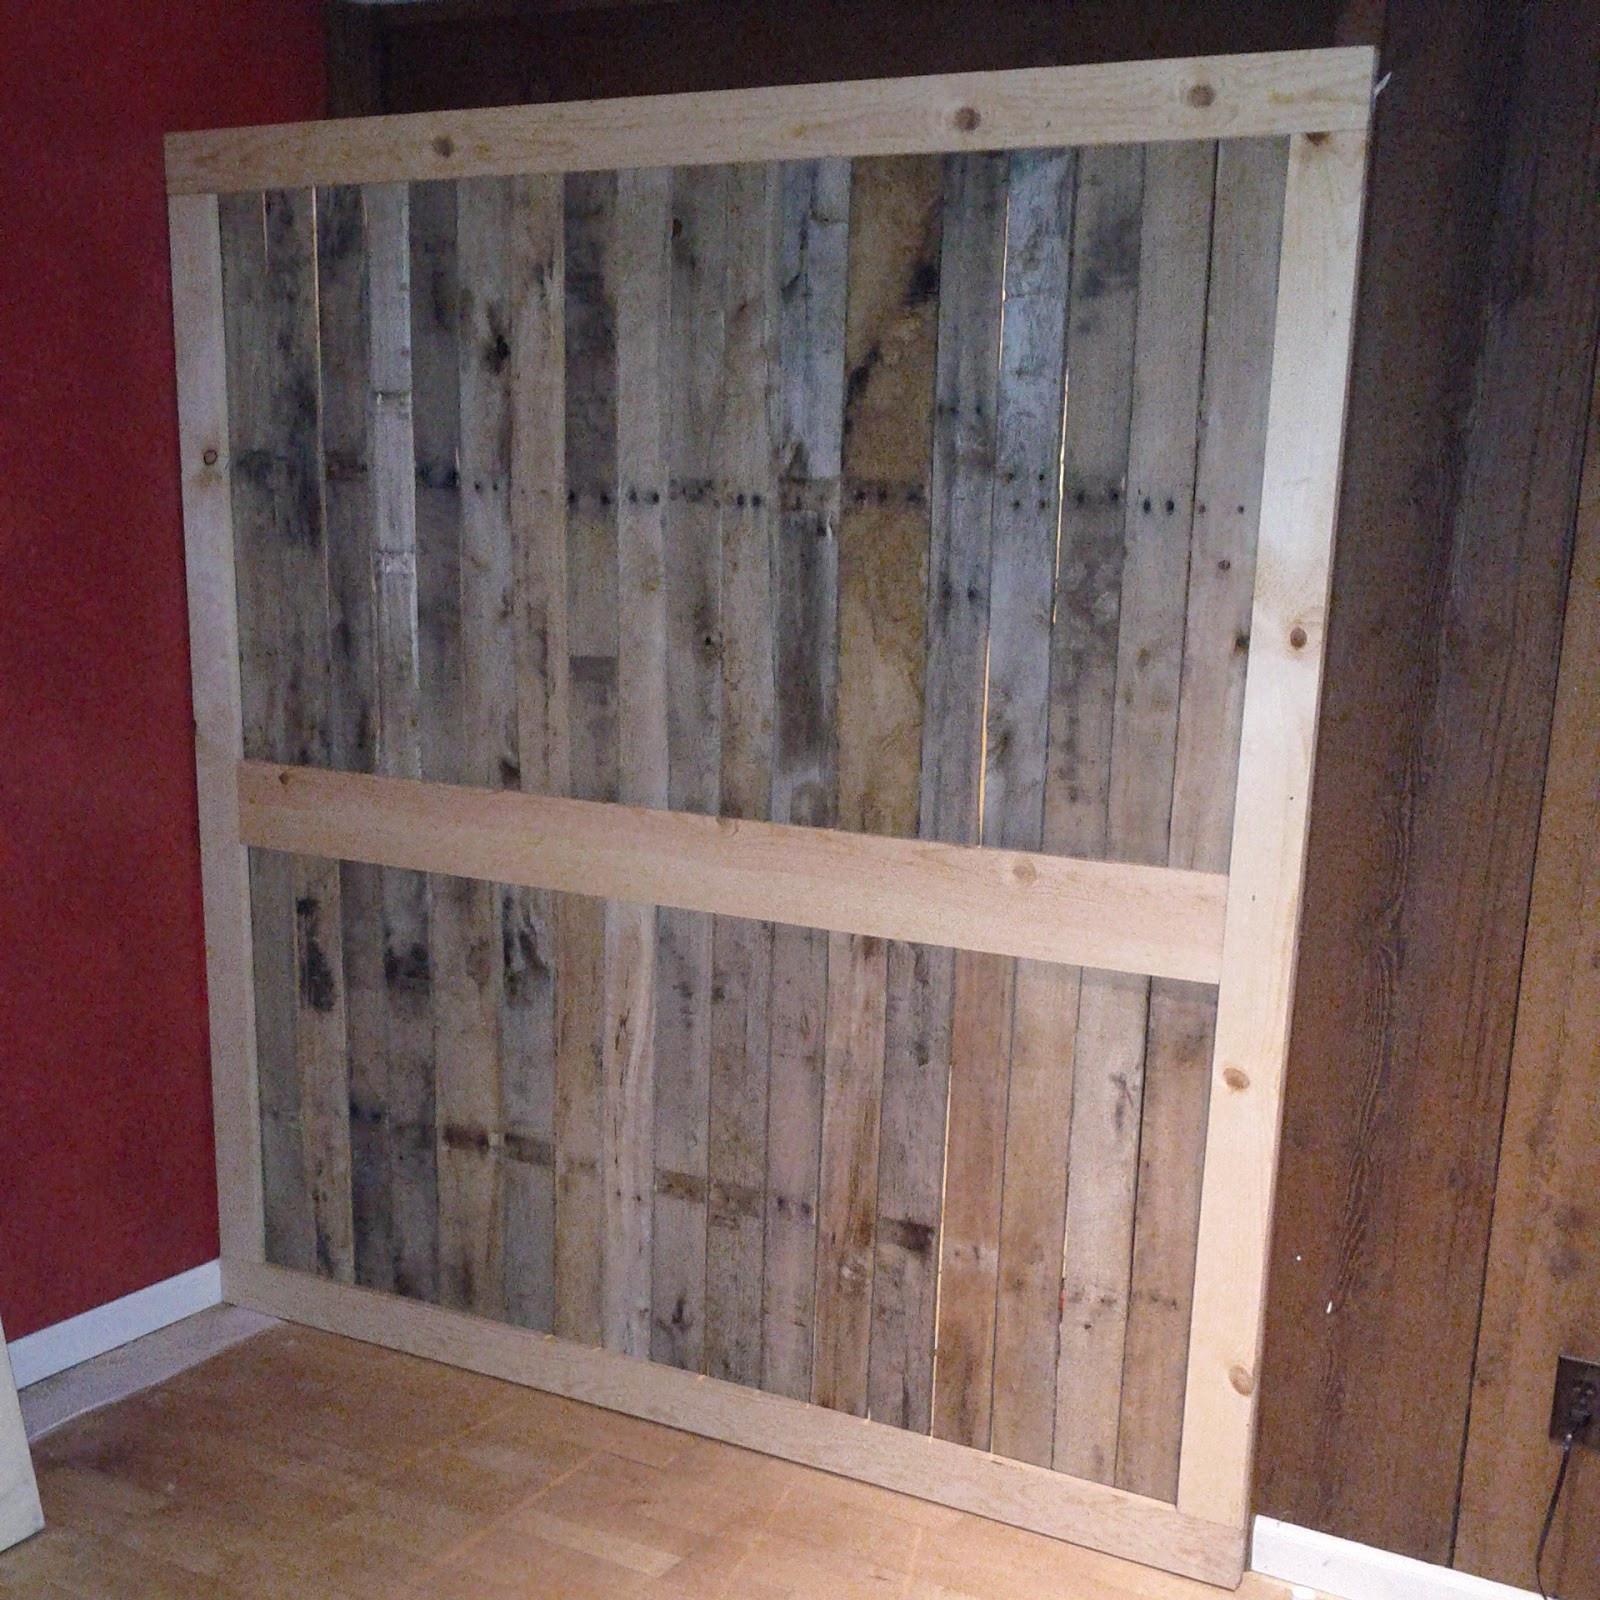 Best ideas about DIY Wood Doors . Save or Pin Baker & Brackenridge DIY barn door project Now.